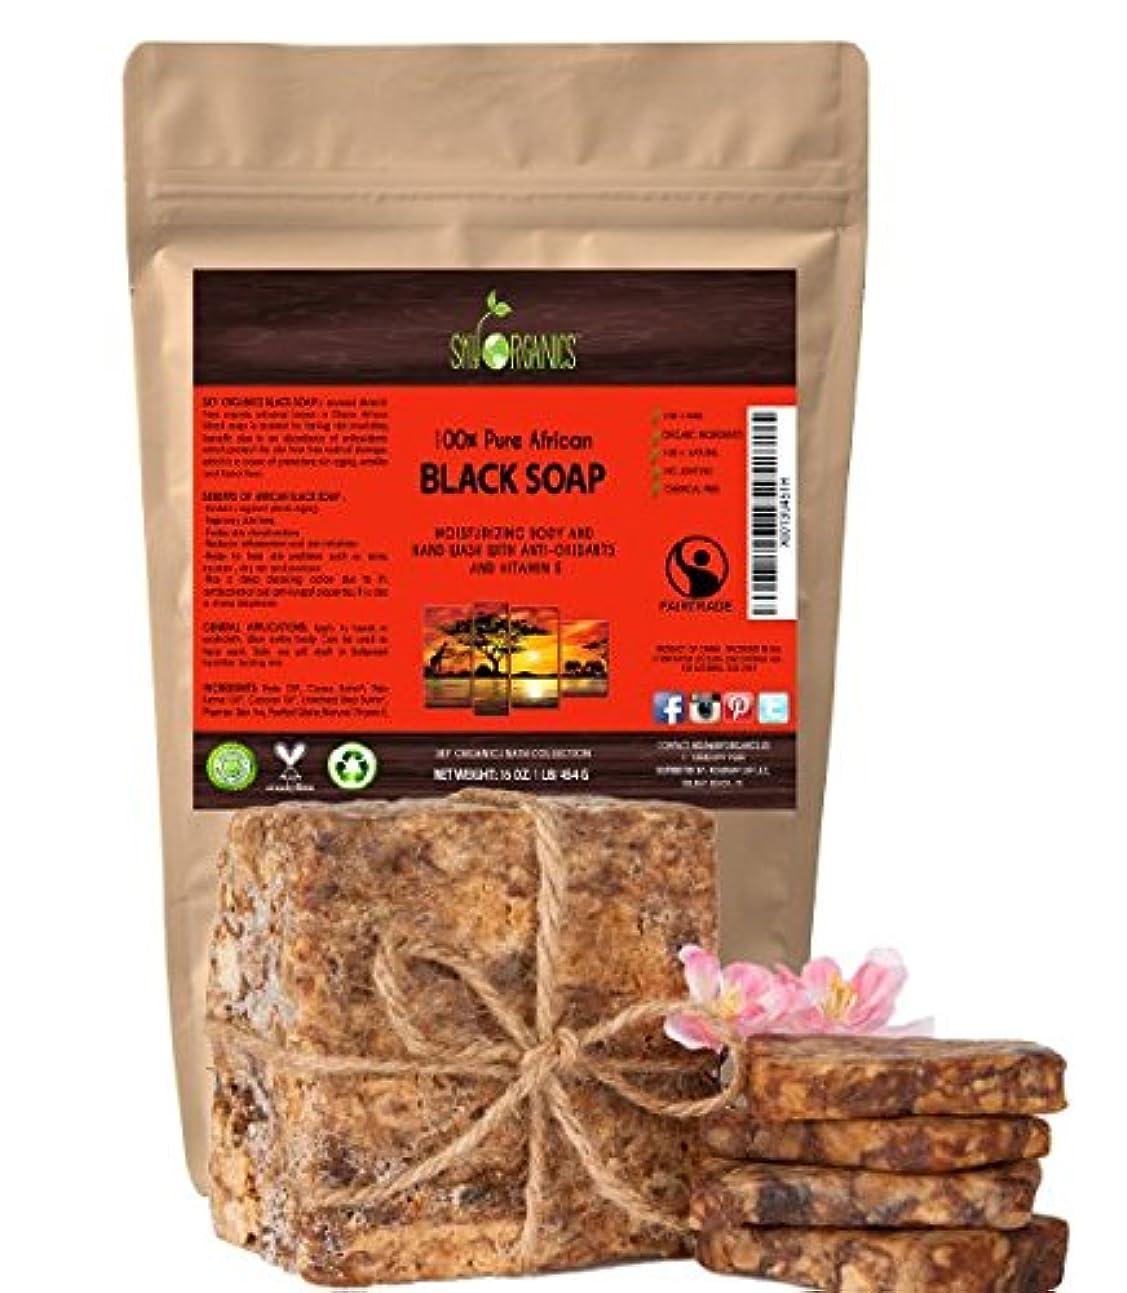 美徳再編成する統計切って使う オーガニック アフリカン ブラックソープ (約4563gブロック)Organic African Black Soap (16oz block) - Raw Organic Soap Ideal for Acne, [並行輸入品]